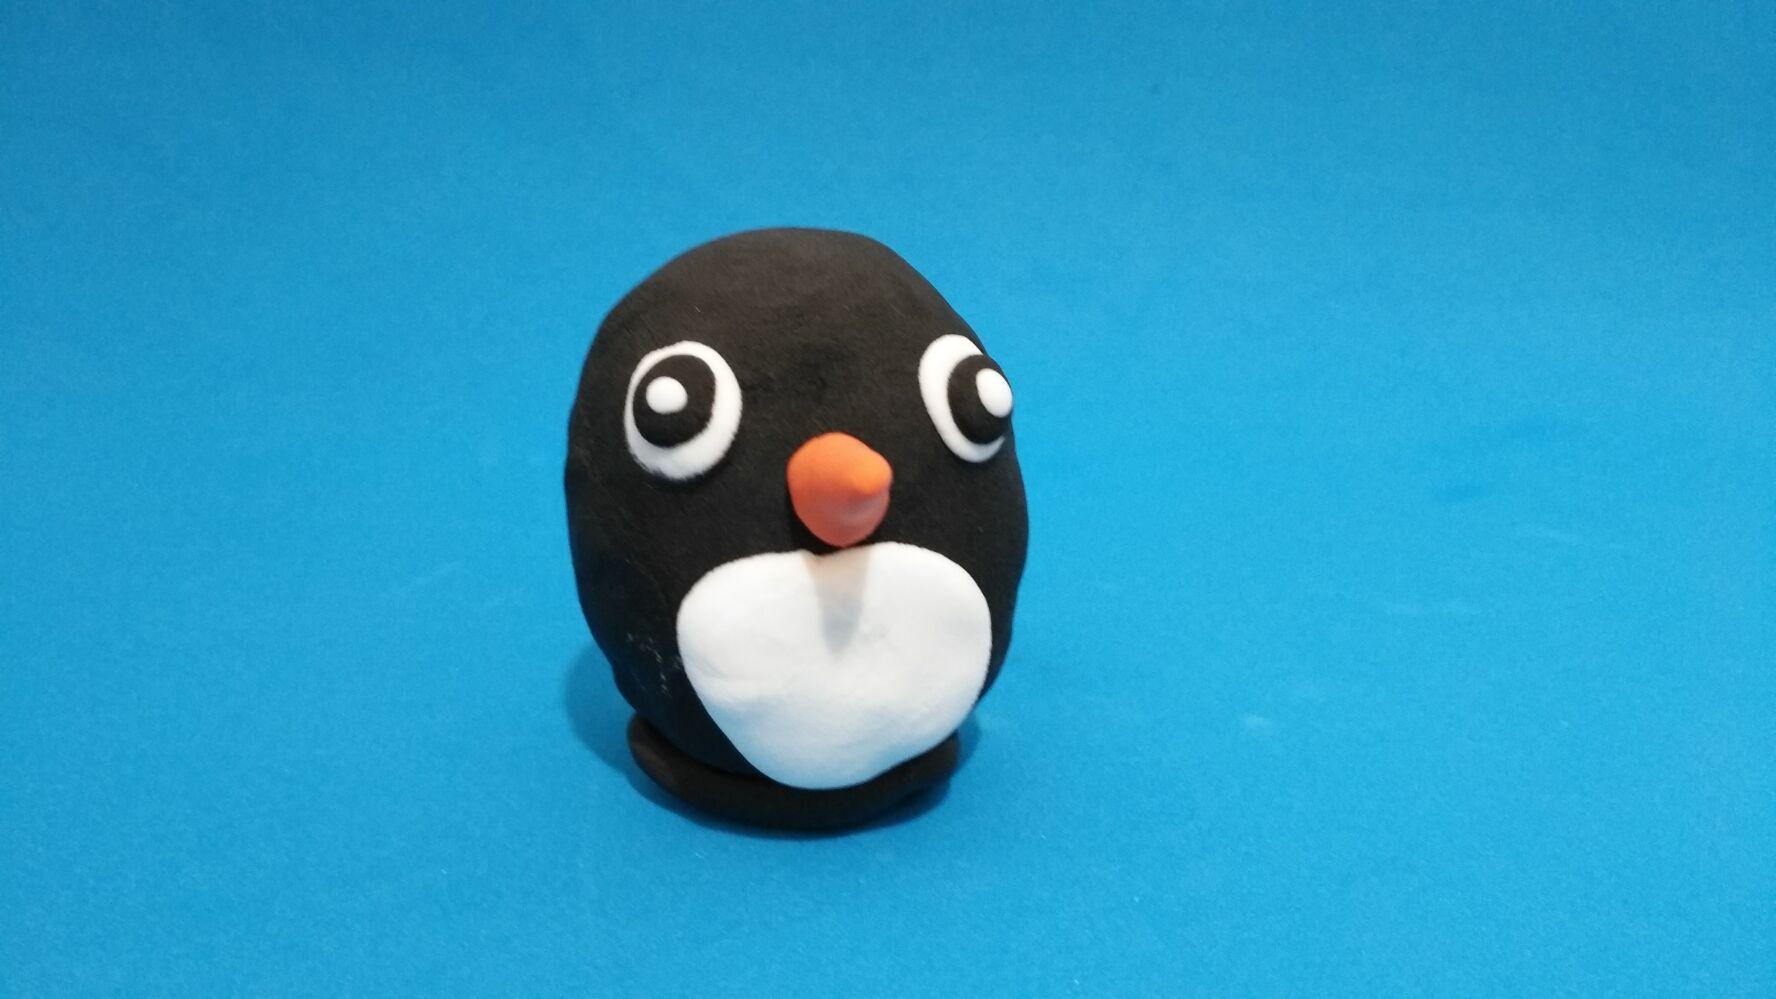 与孩子一起用轻黏土做出快乐的小企鹅,呆萌十足(附